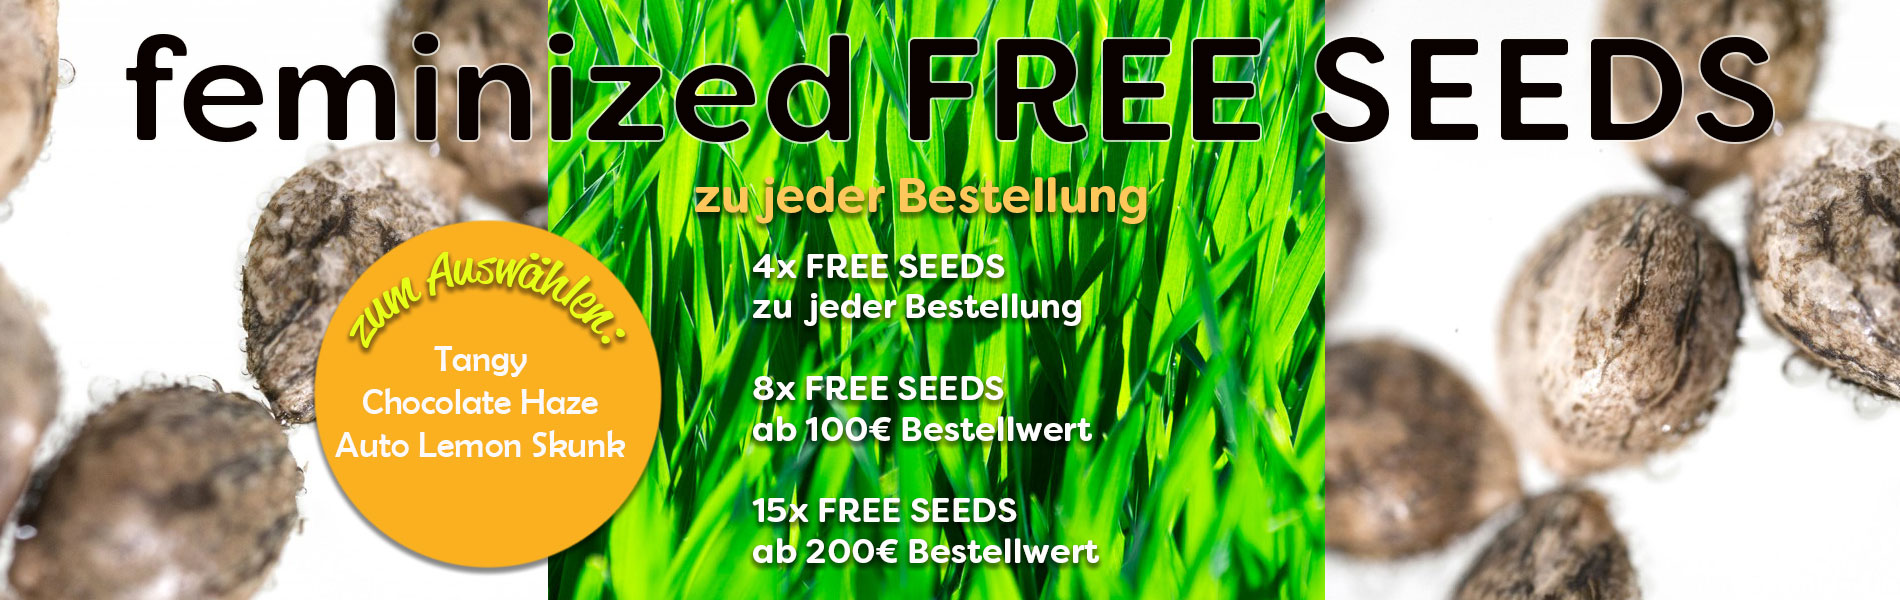 Gratis Cannabissamen im Mai, im Mai gibt es Free Seeds zu jeder Bestellung